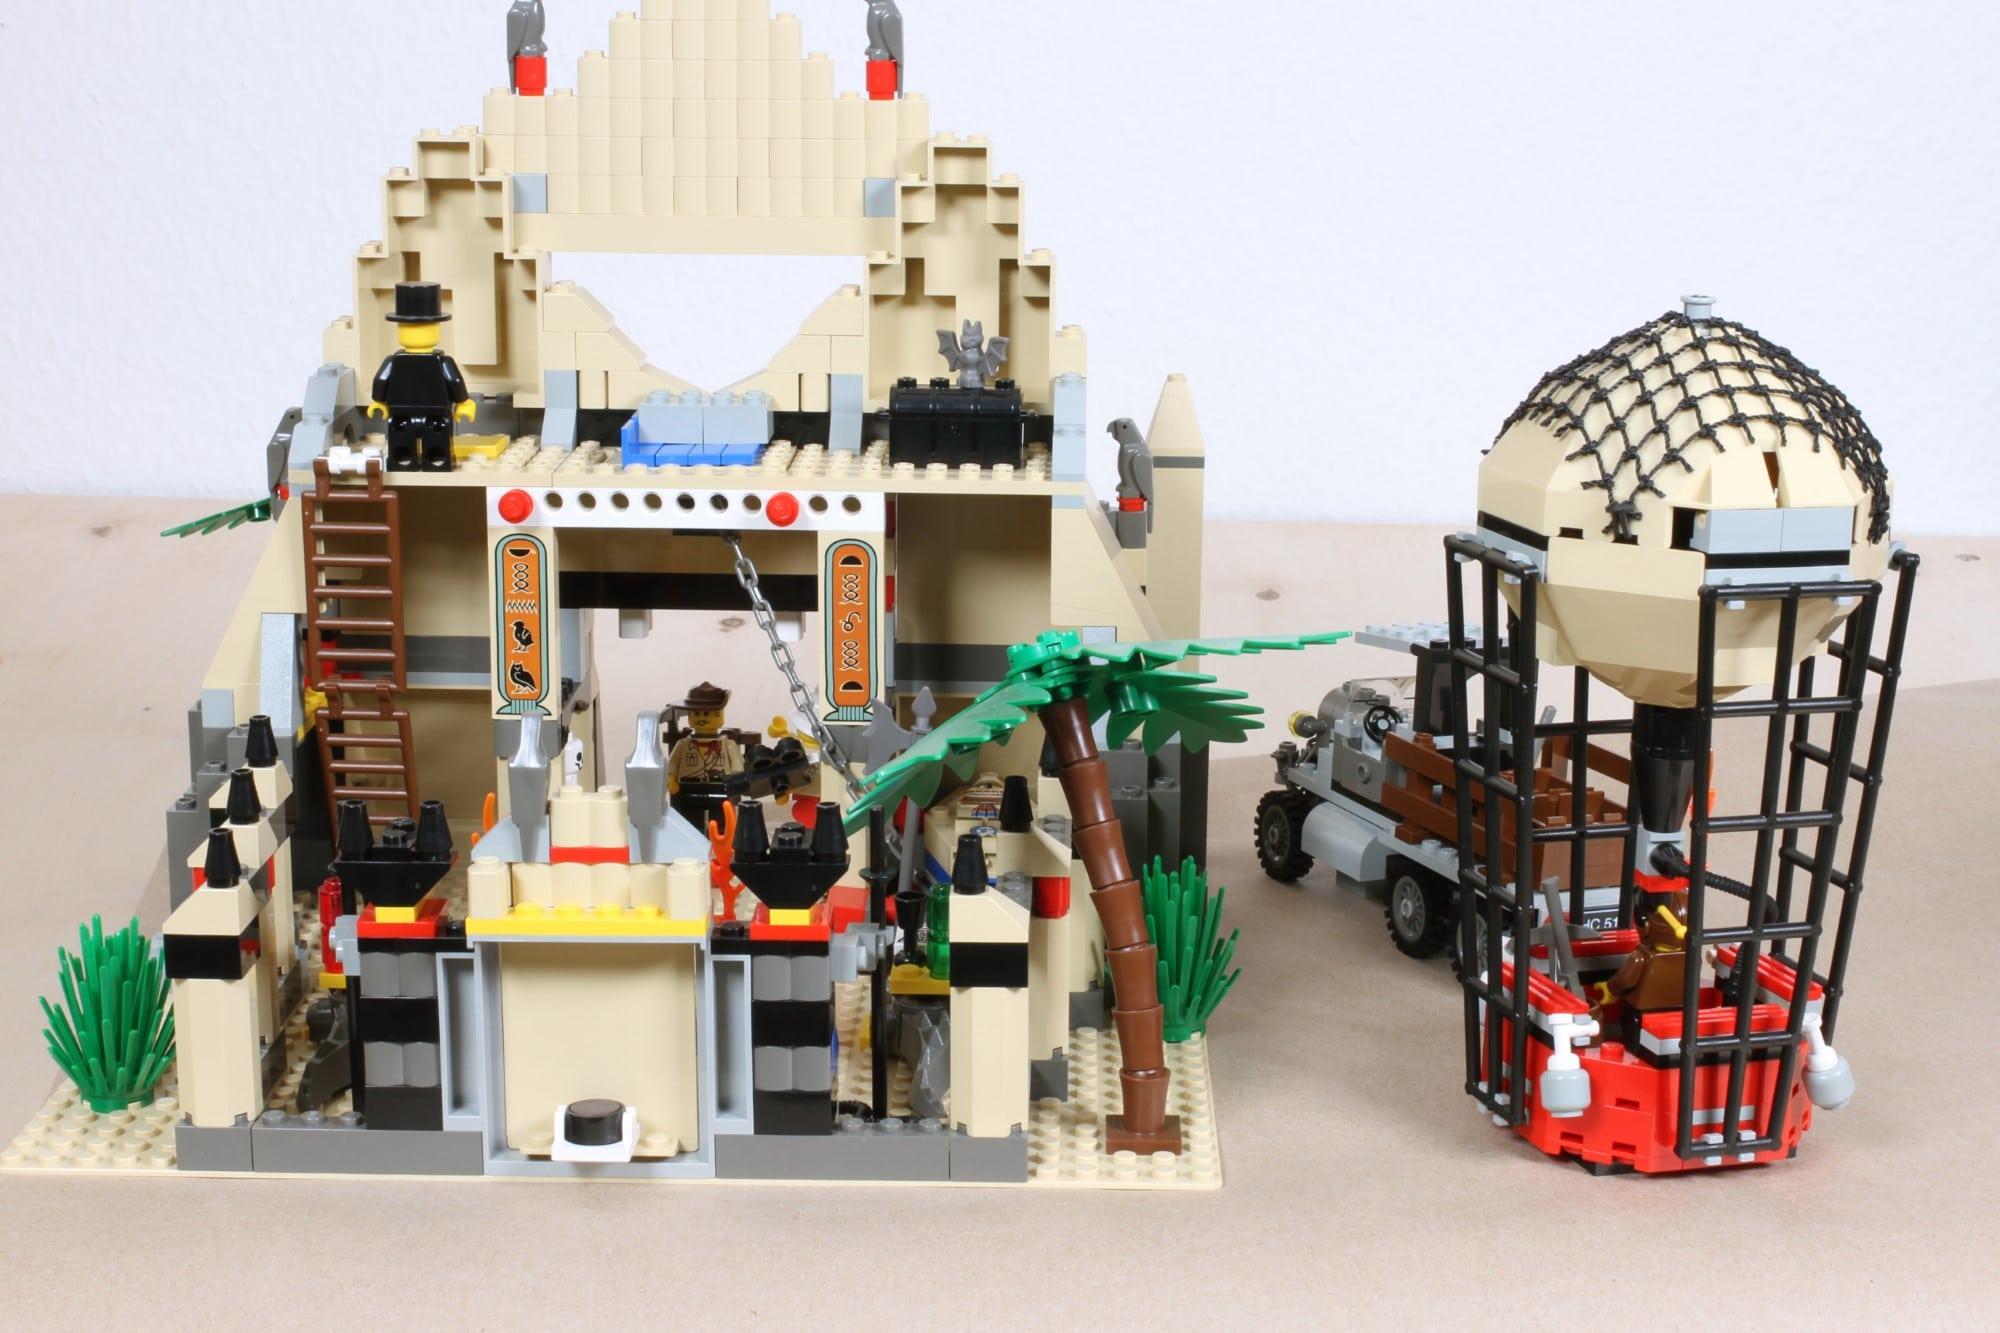 LEGO Adventurers Display Sollzustand Nach Restaurierung 2